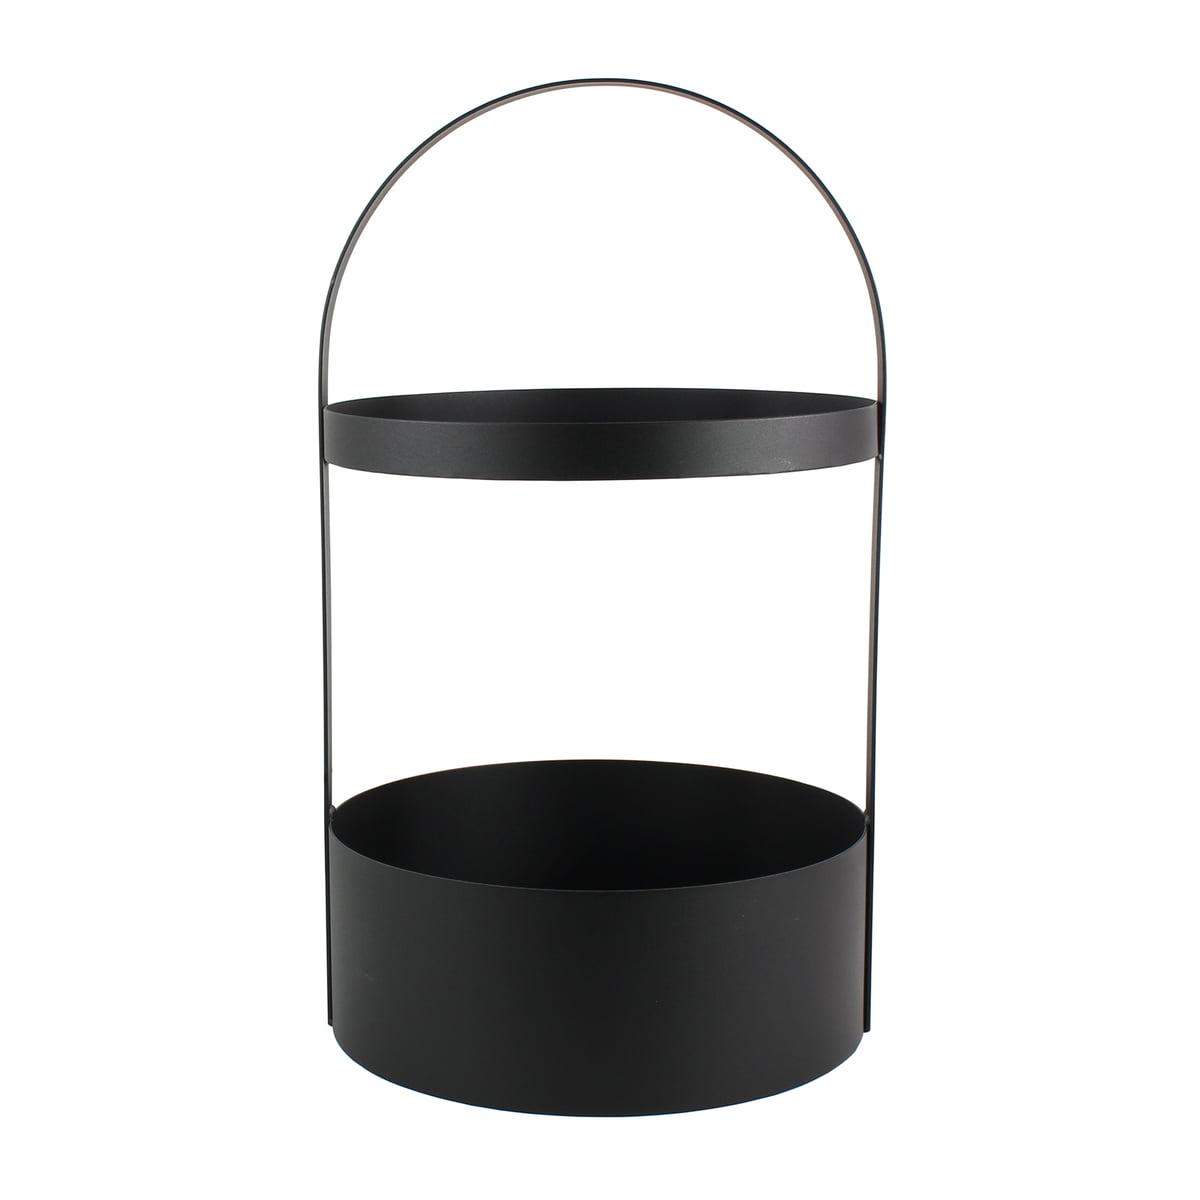 jan kurtz polytable beistelltisch schwarz schwarz h 65. Black Bedroom Furniture Sets. Home Design Ideas